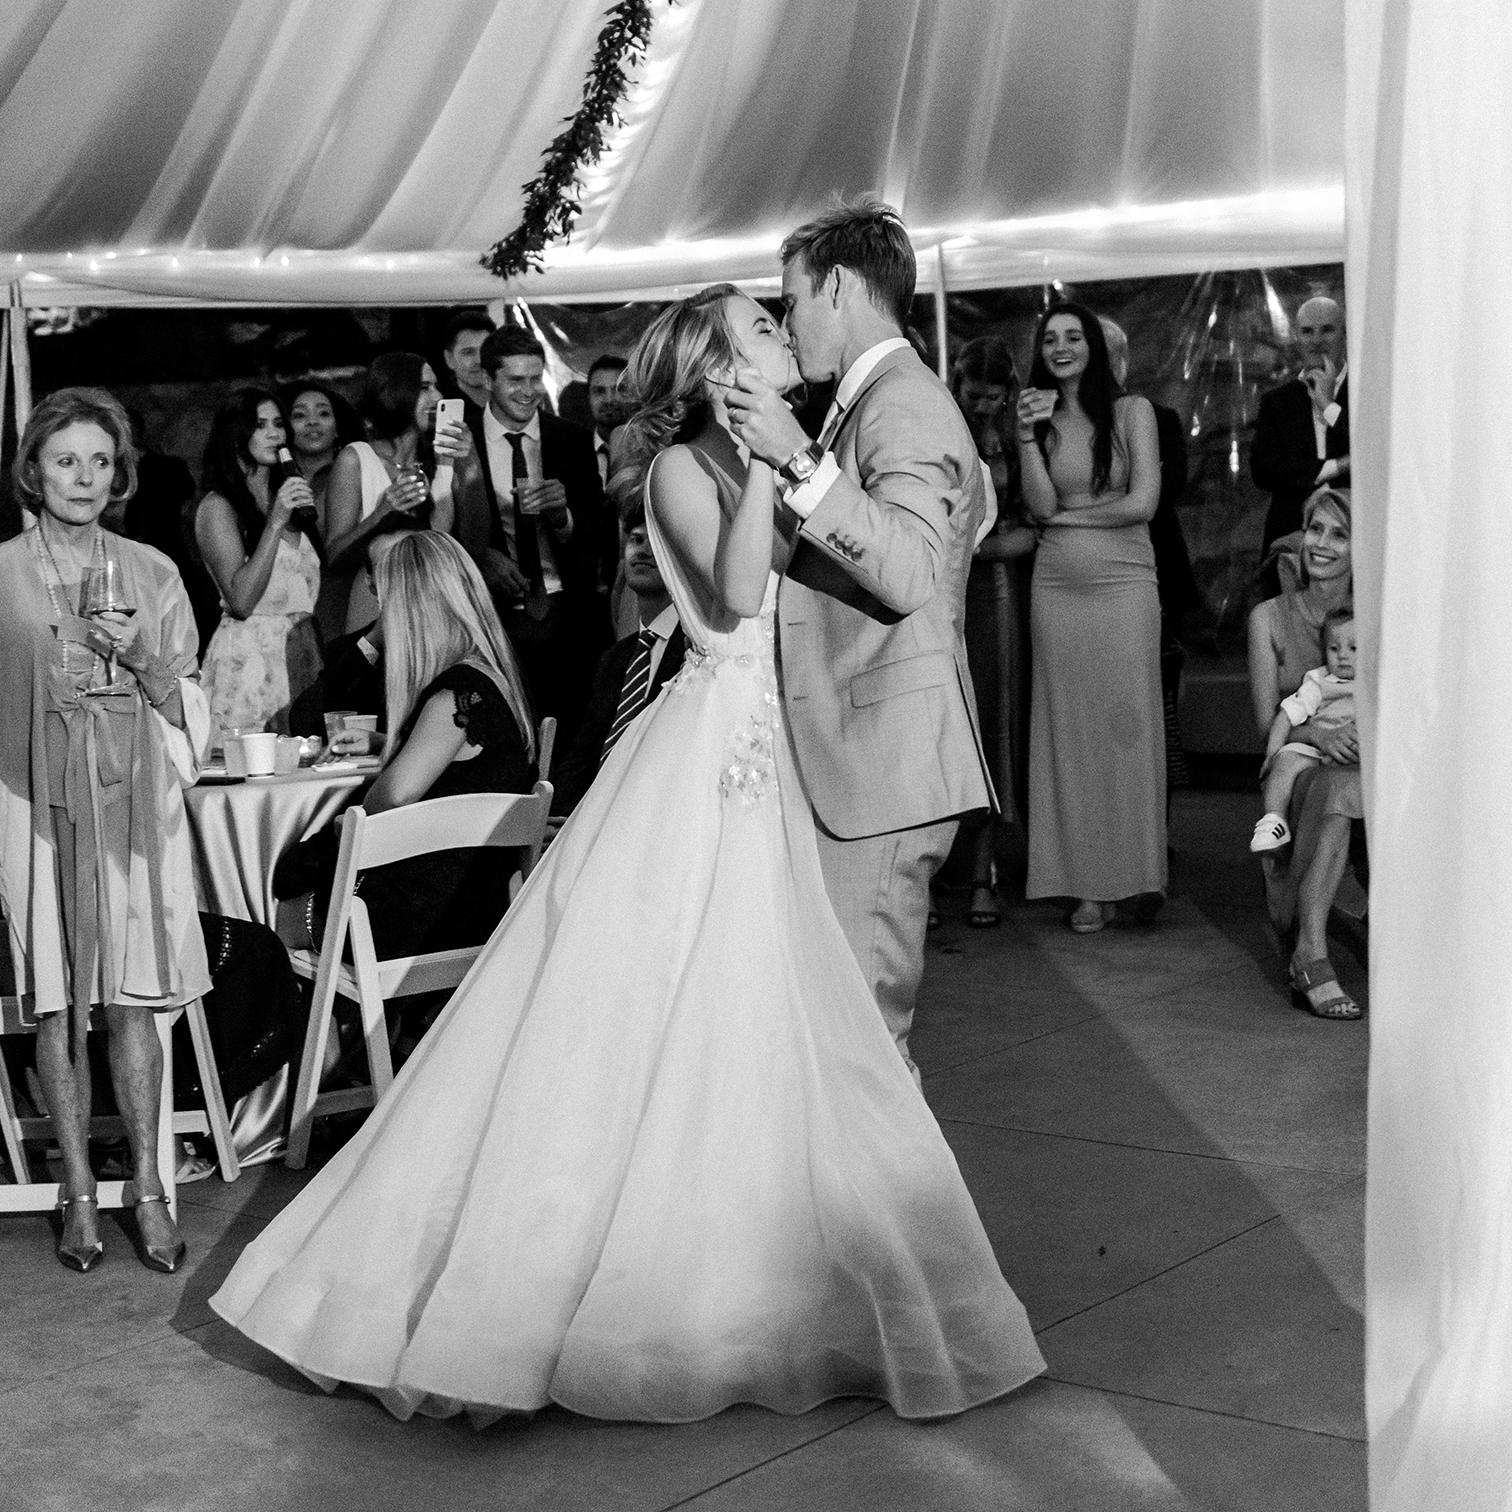 Wedding Photographers Colorado, Bride Dancing in Wedding Gown, Denver Wedding Photography